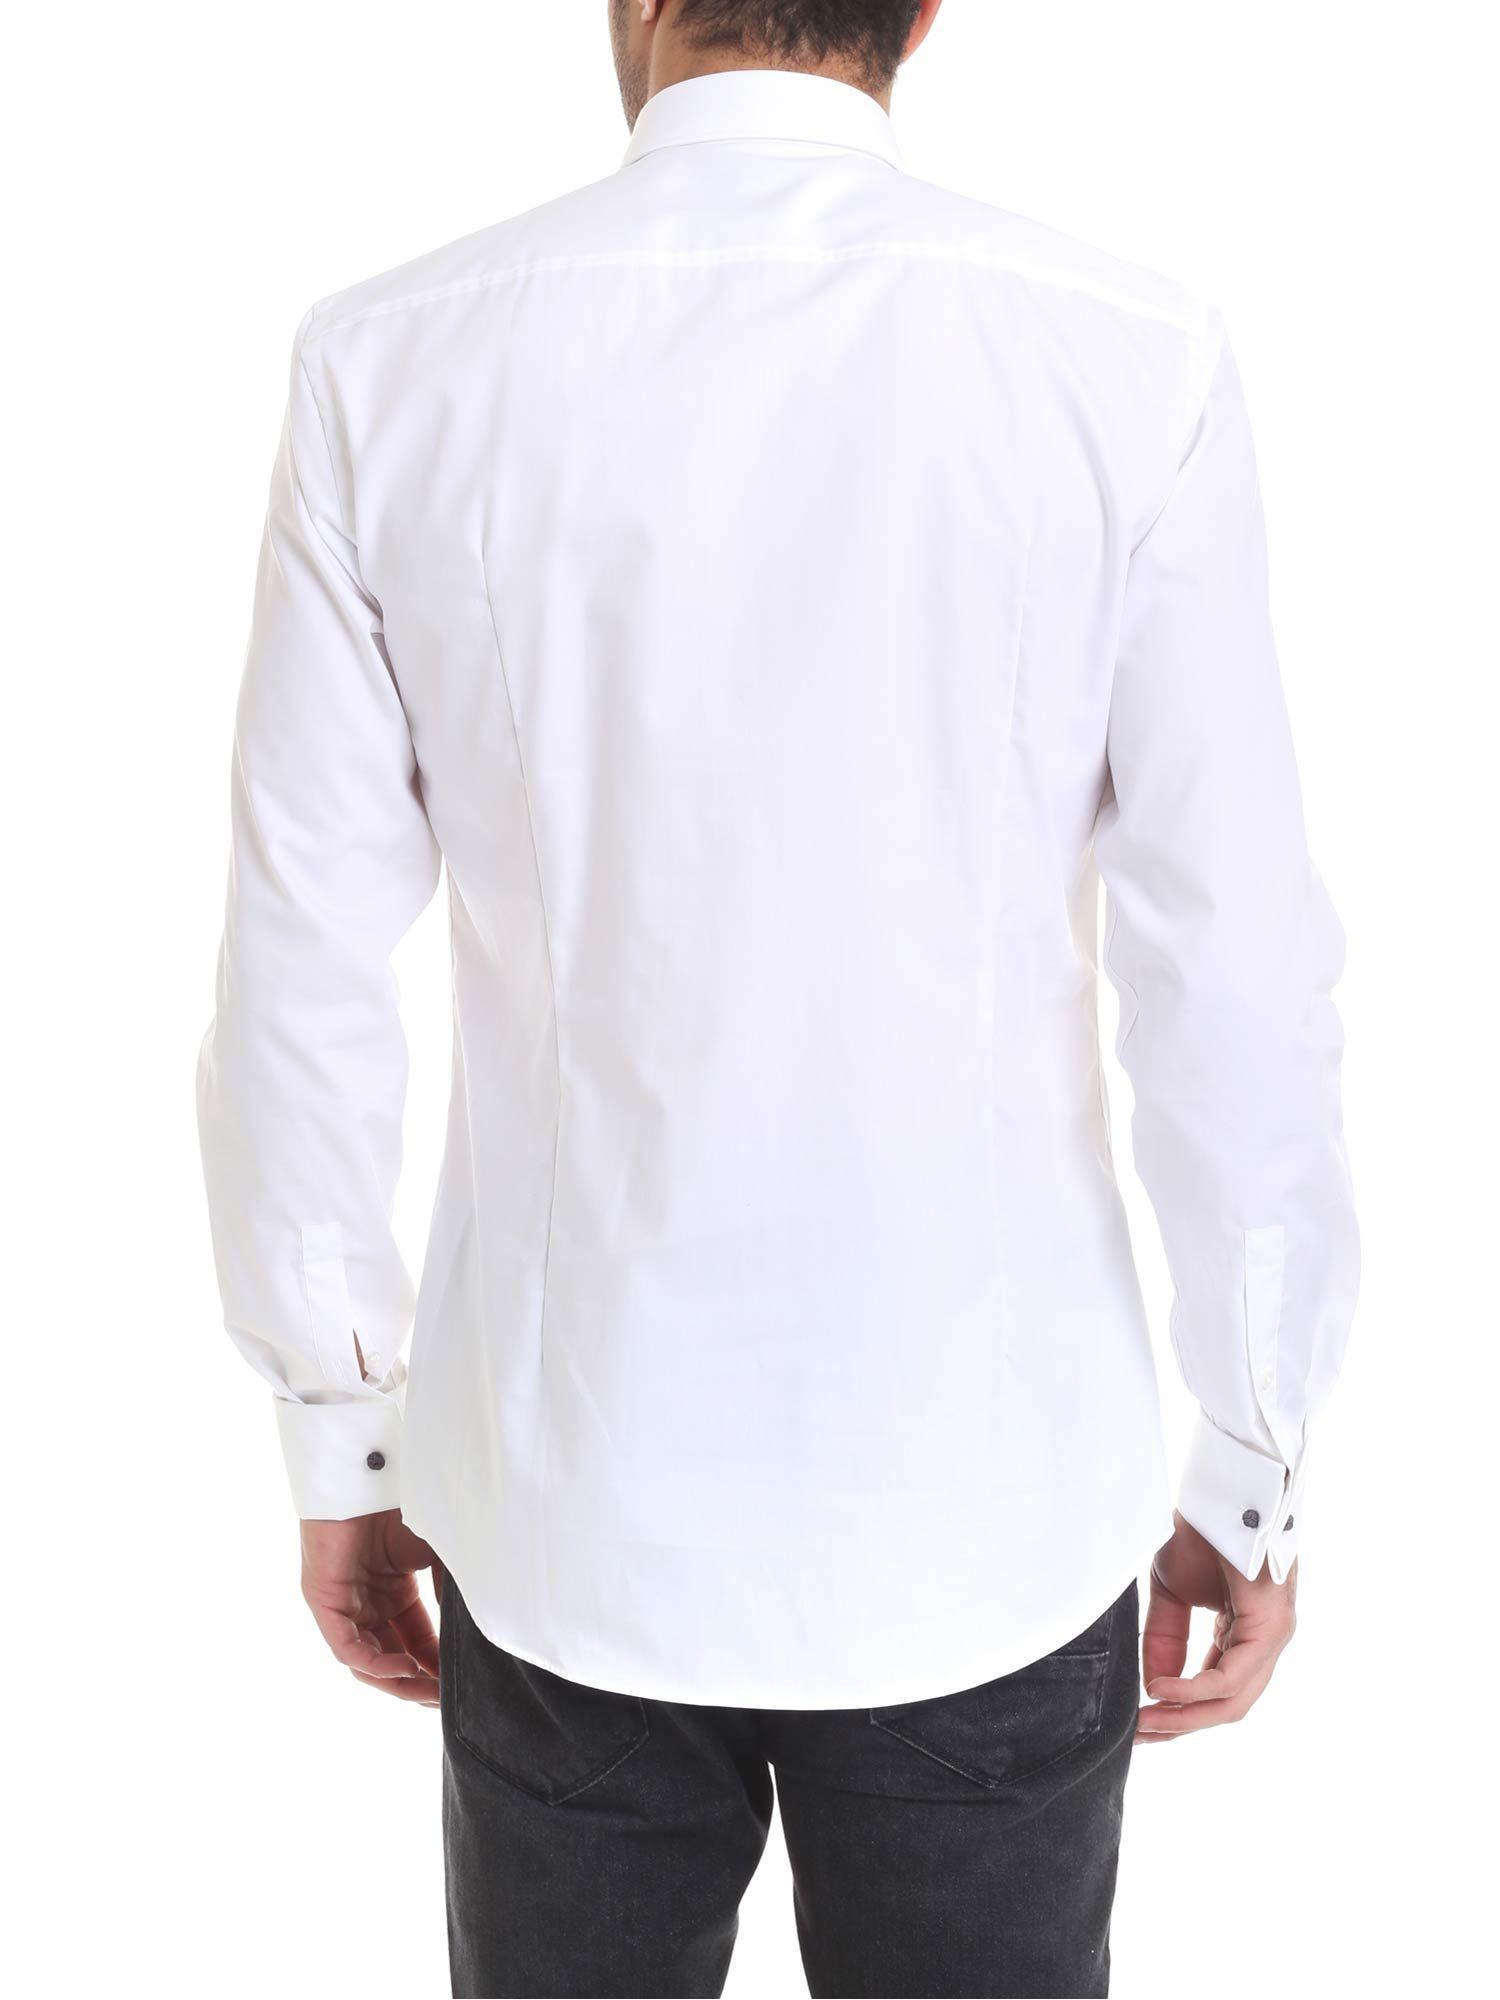 HUGO BOSS MEN'S 50328296100 WHITE COTTON SHIRT